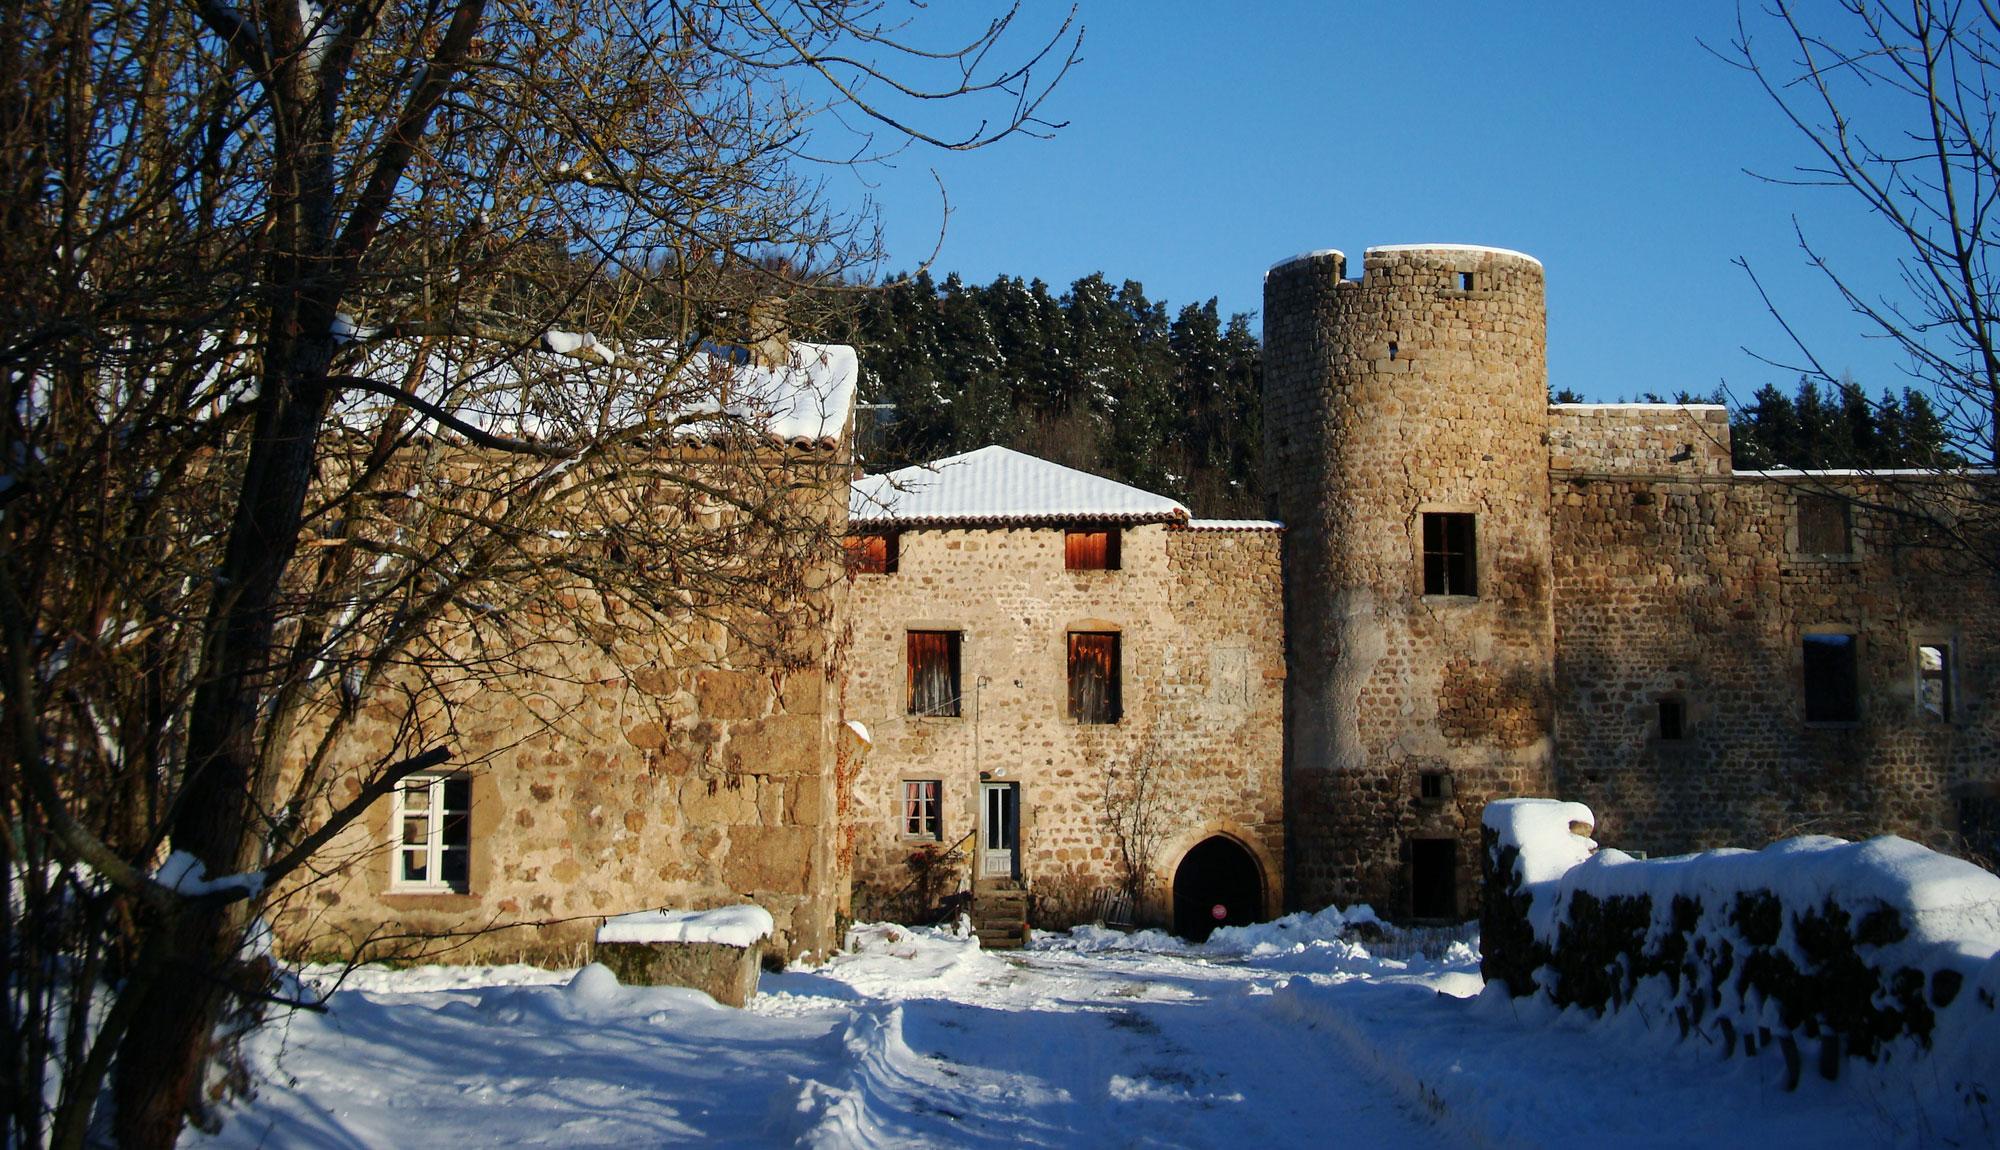 Chateau du Rousset